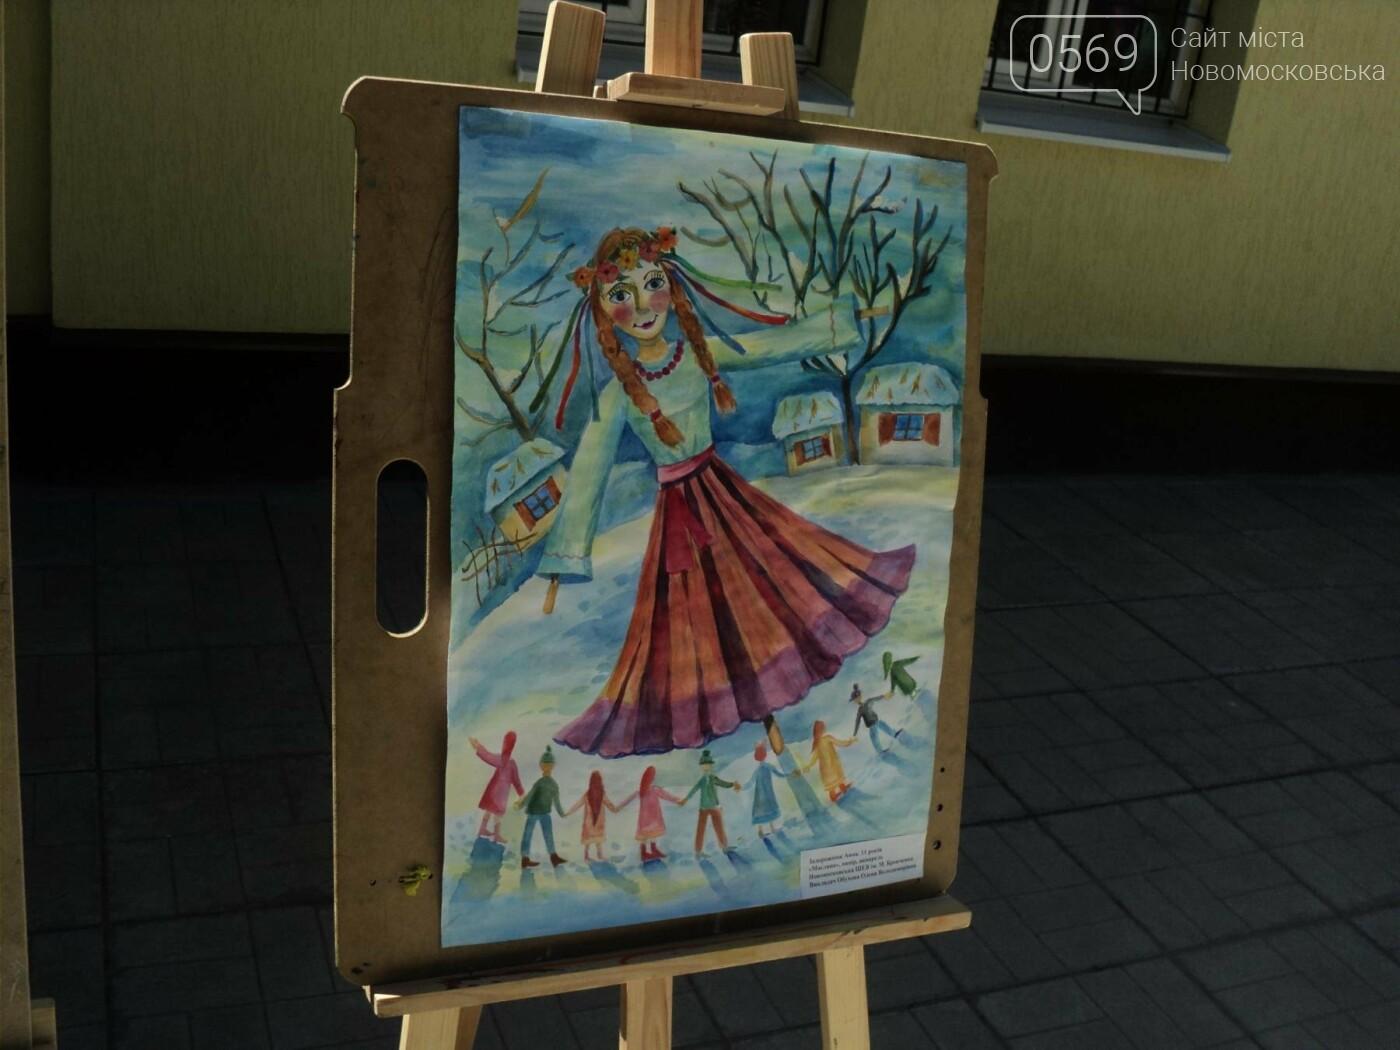 В Новомосковську відкрилась виставка дитячих малюнків, фото-3